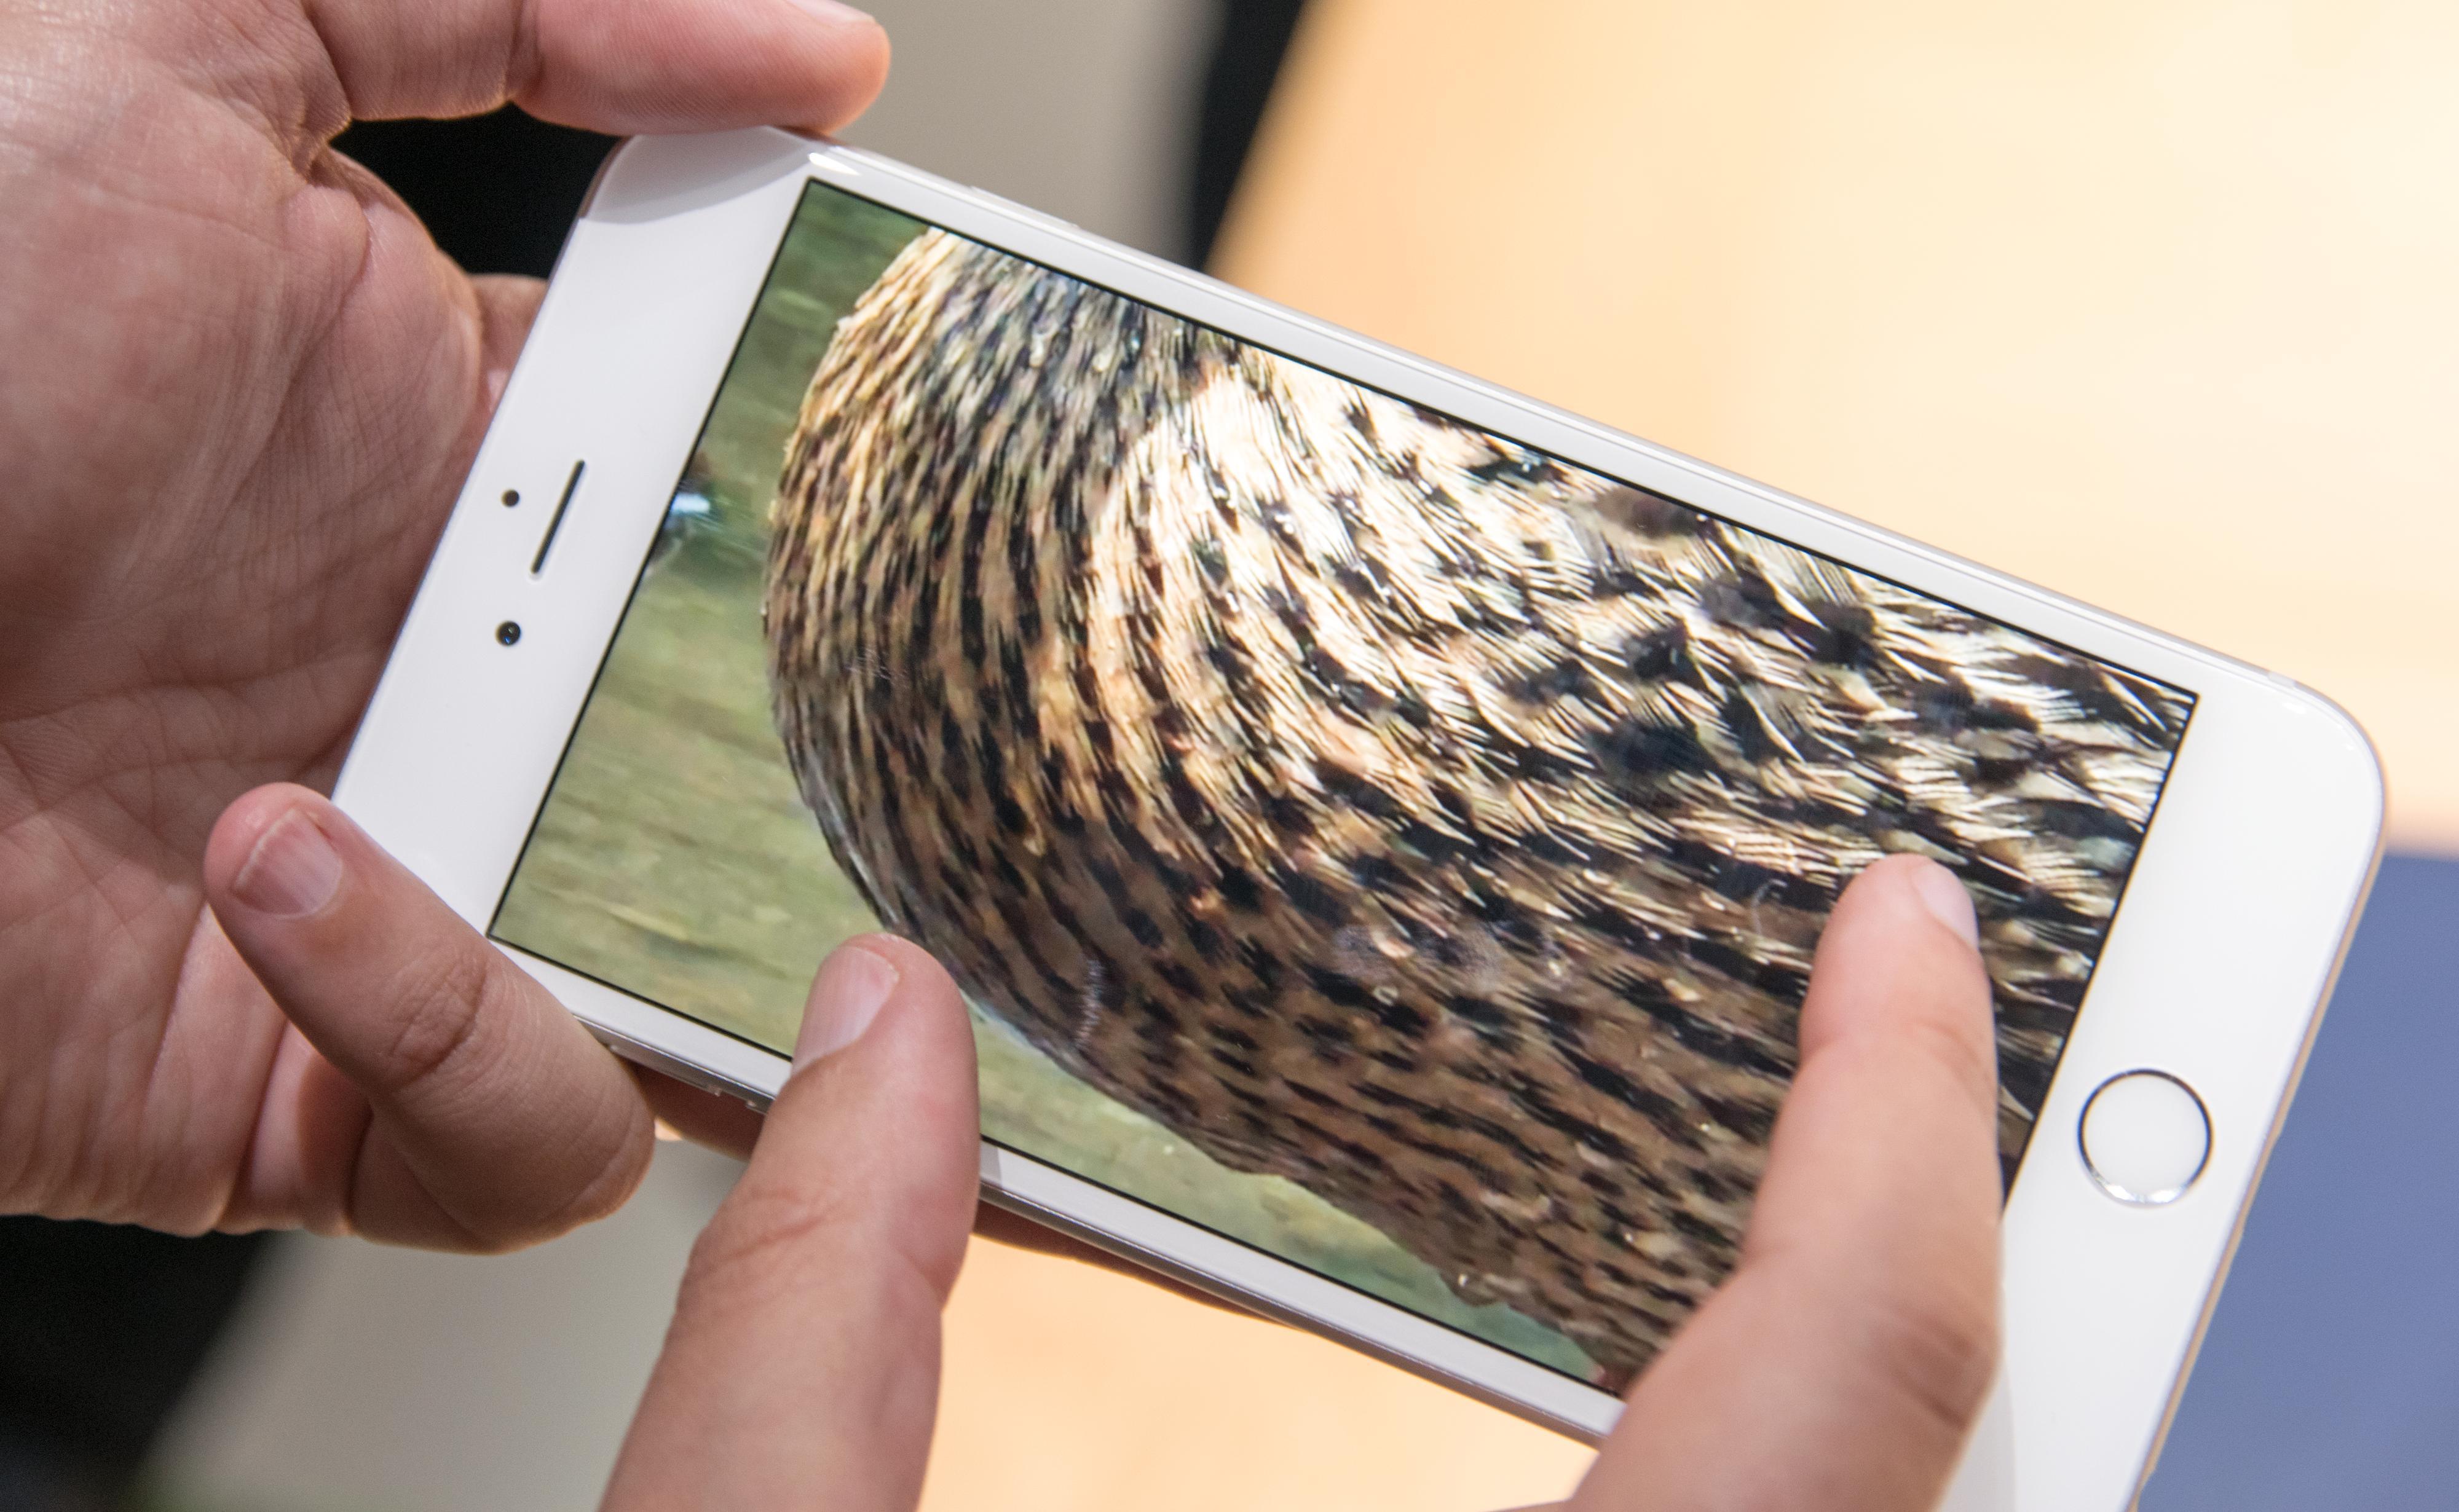 Denne anden var i utgangspunktet en av en hel gjeng fjørfe. Siden videoen skal ha vært filmet med en iPhone i 4K-modus kan vi zoome helt inn på fjærdrakten. Foto: Finn Jarle Kvalheim, Tek.no